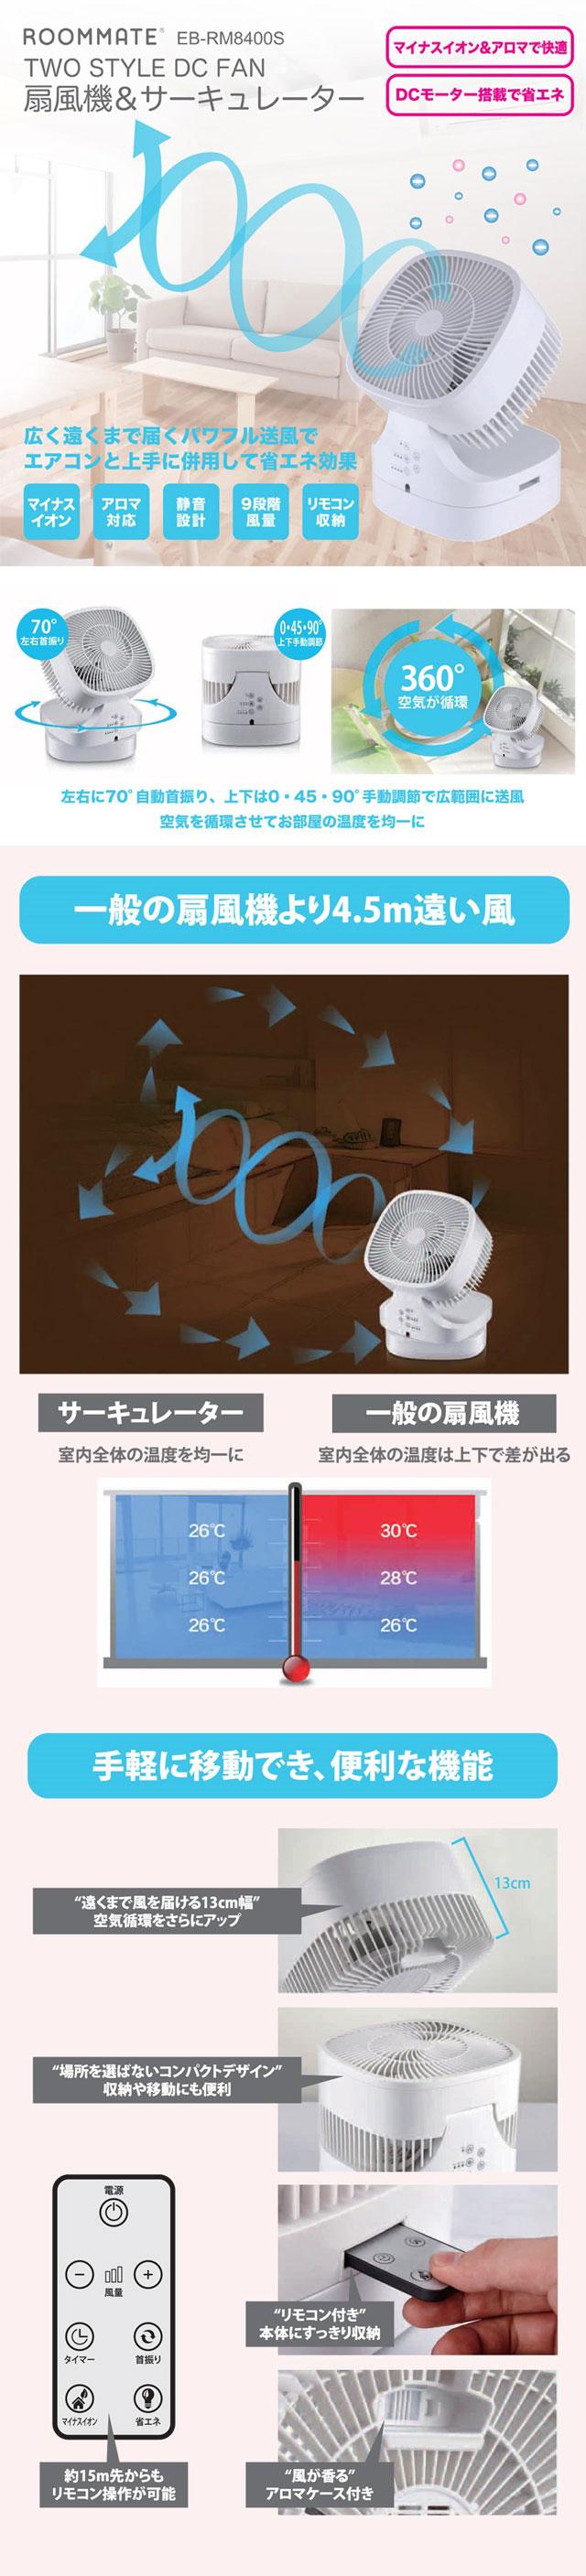 re-fan-0001c.jpg